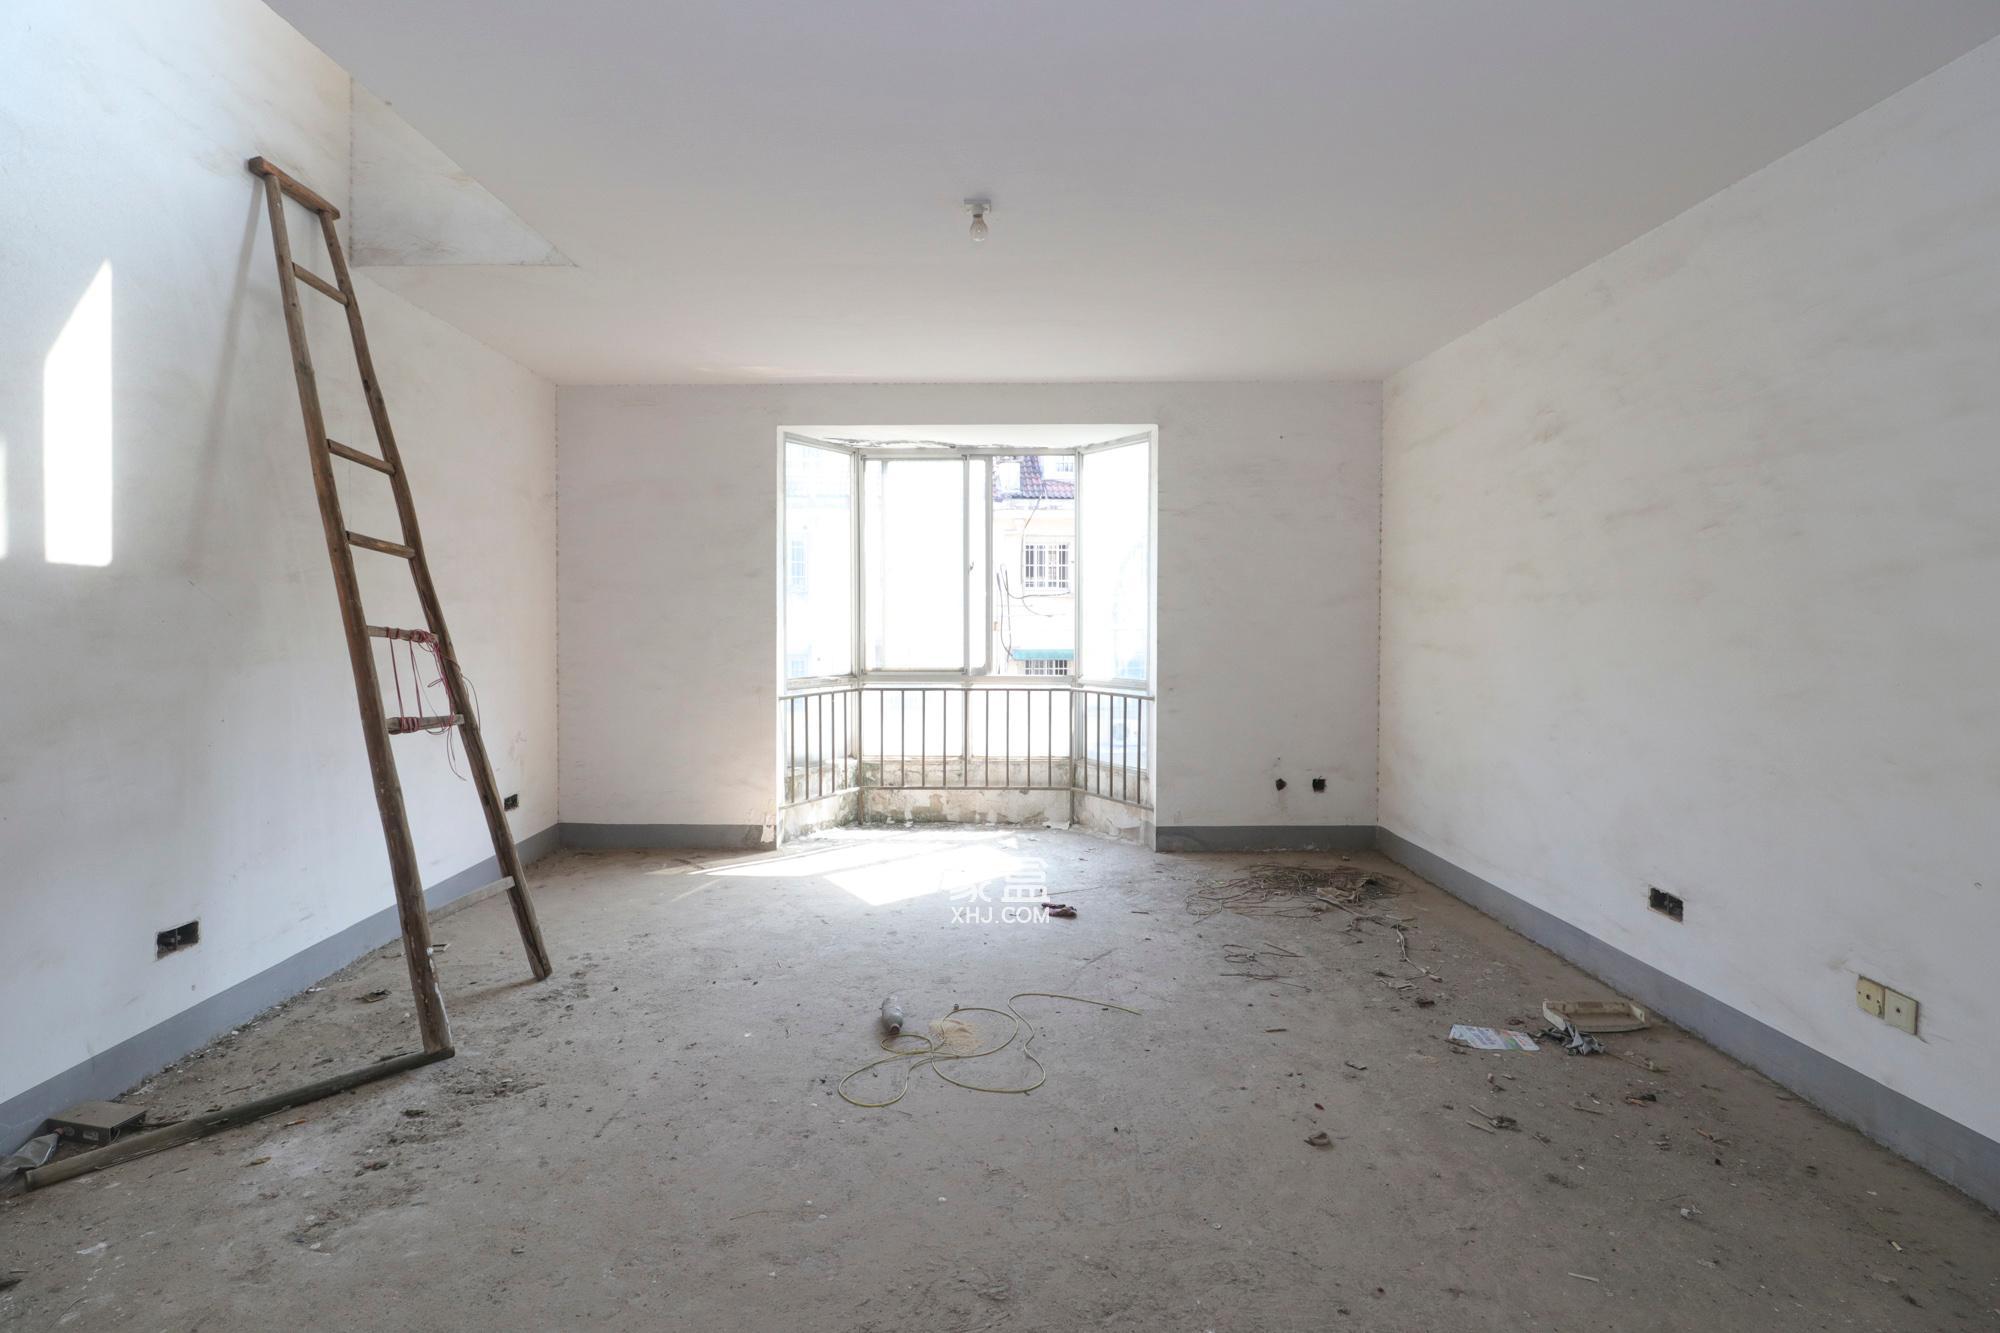 枫林路西湖公园毛佩复式楼双大露台使用面积200多平售价135